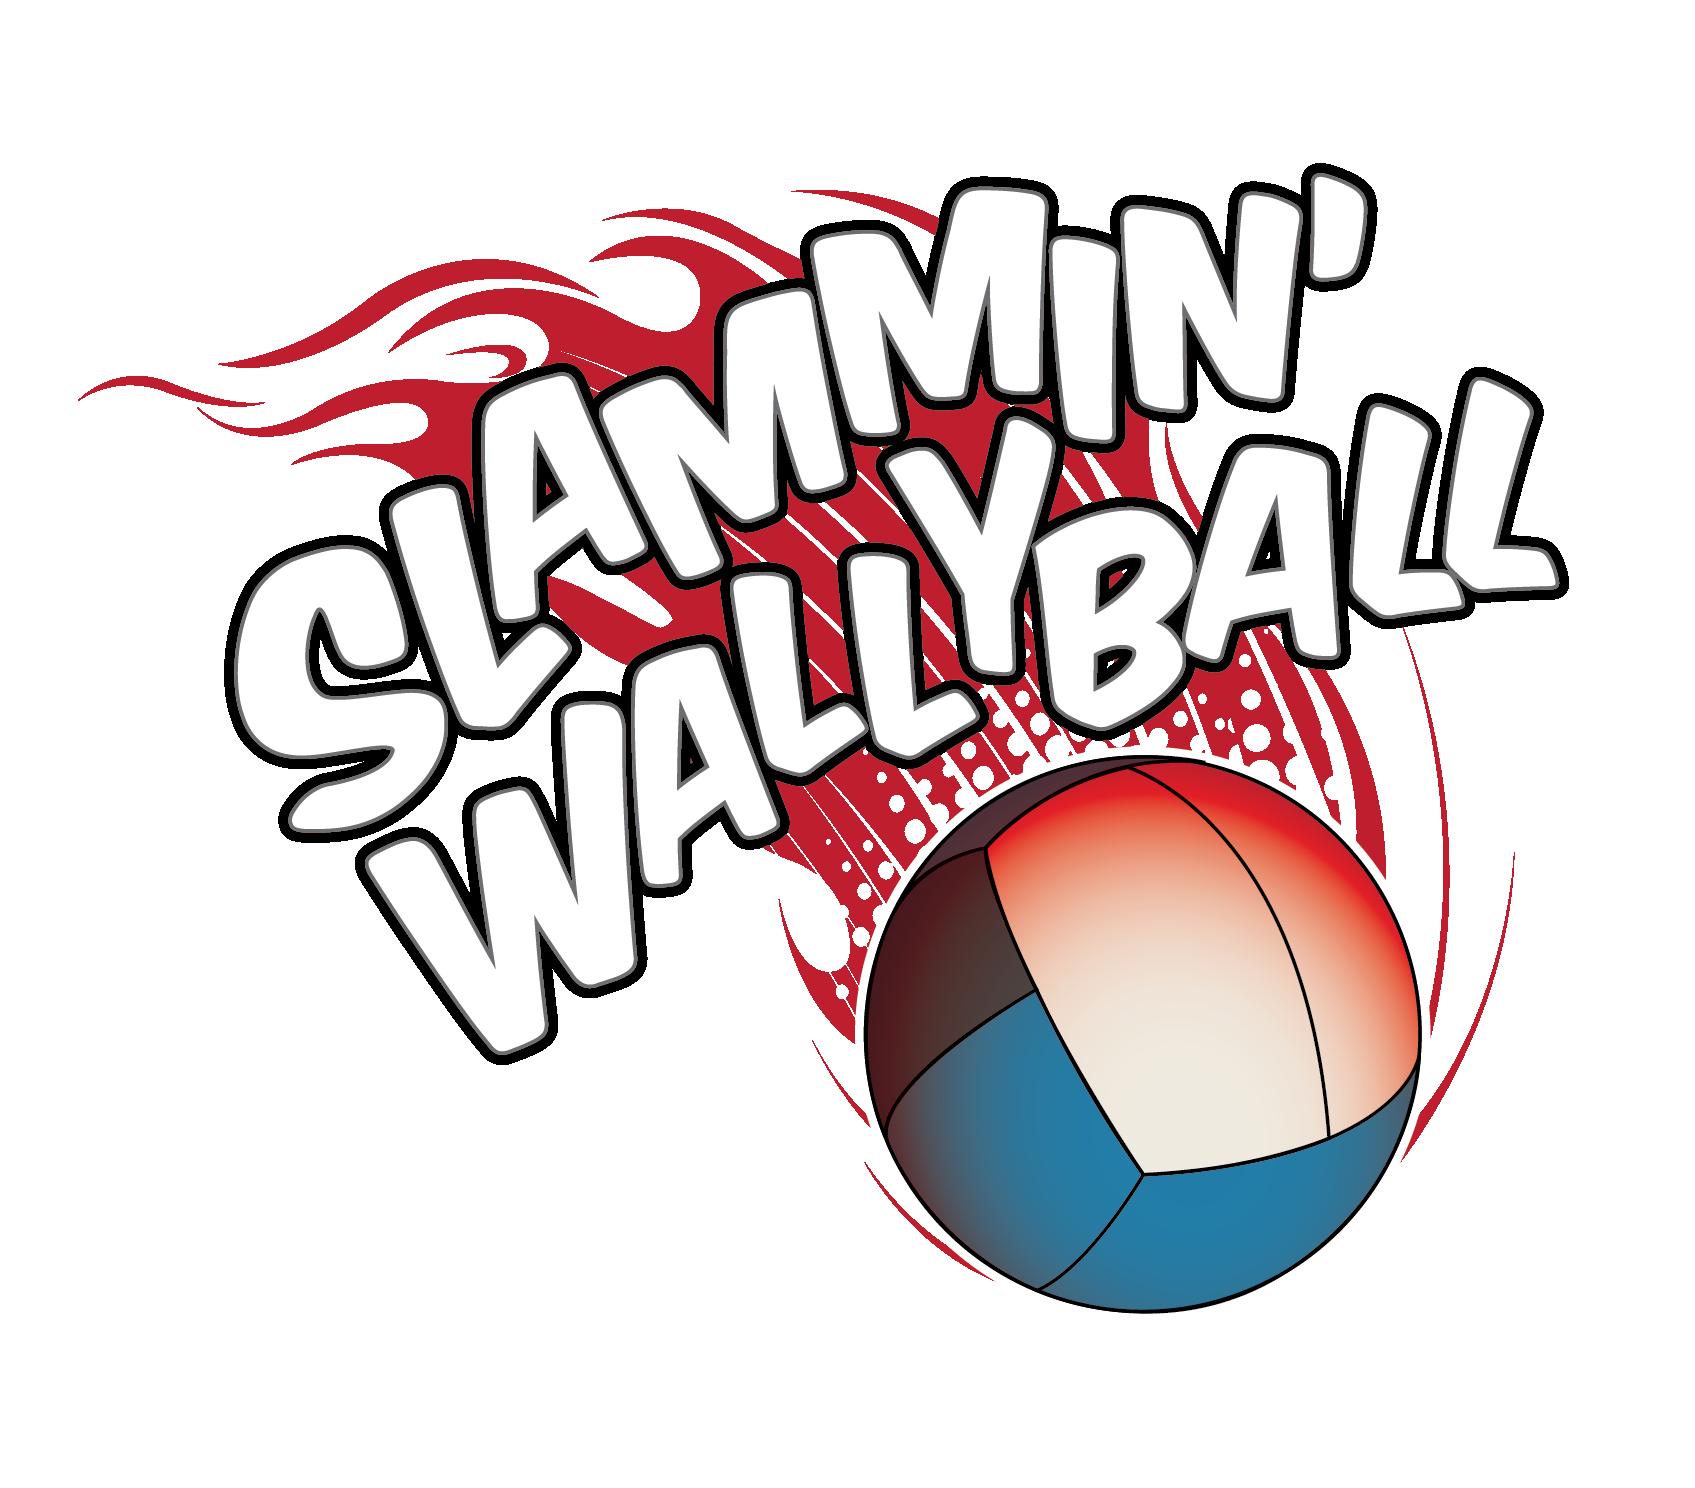 Volleyball clipart wallyball. Meet joe quednau quicklabel